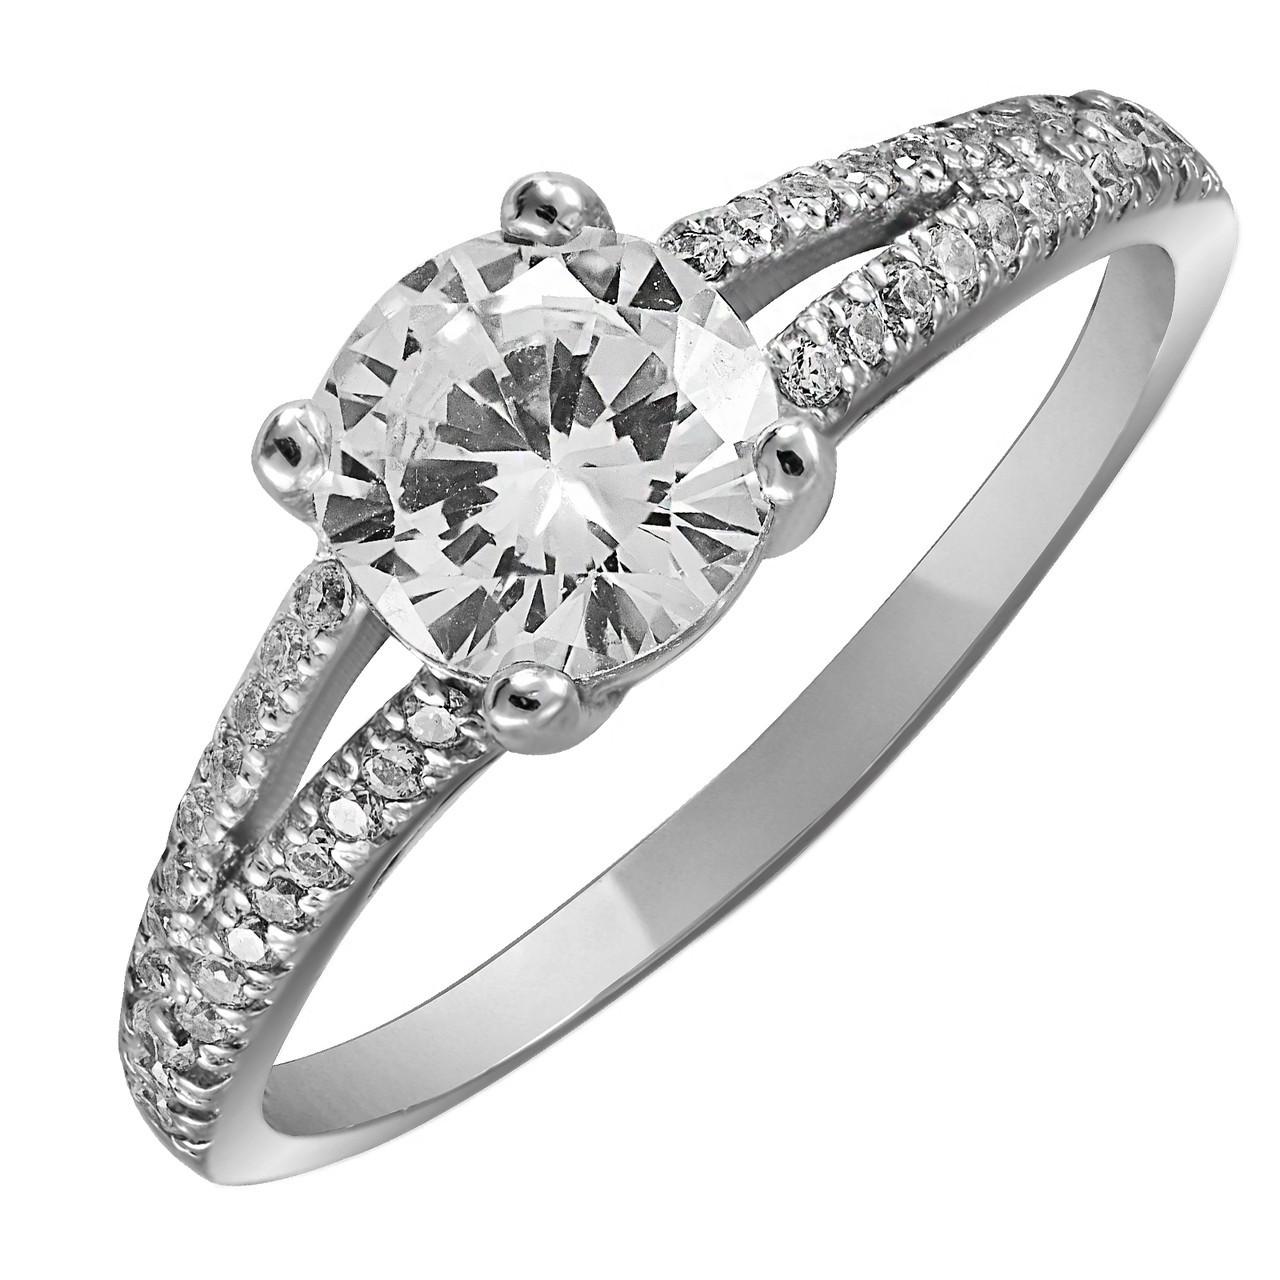 Кольцо из серебра с кубическим цирконием Twiddle Jewelry 20.5 размер (К020-20.5)